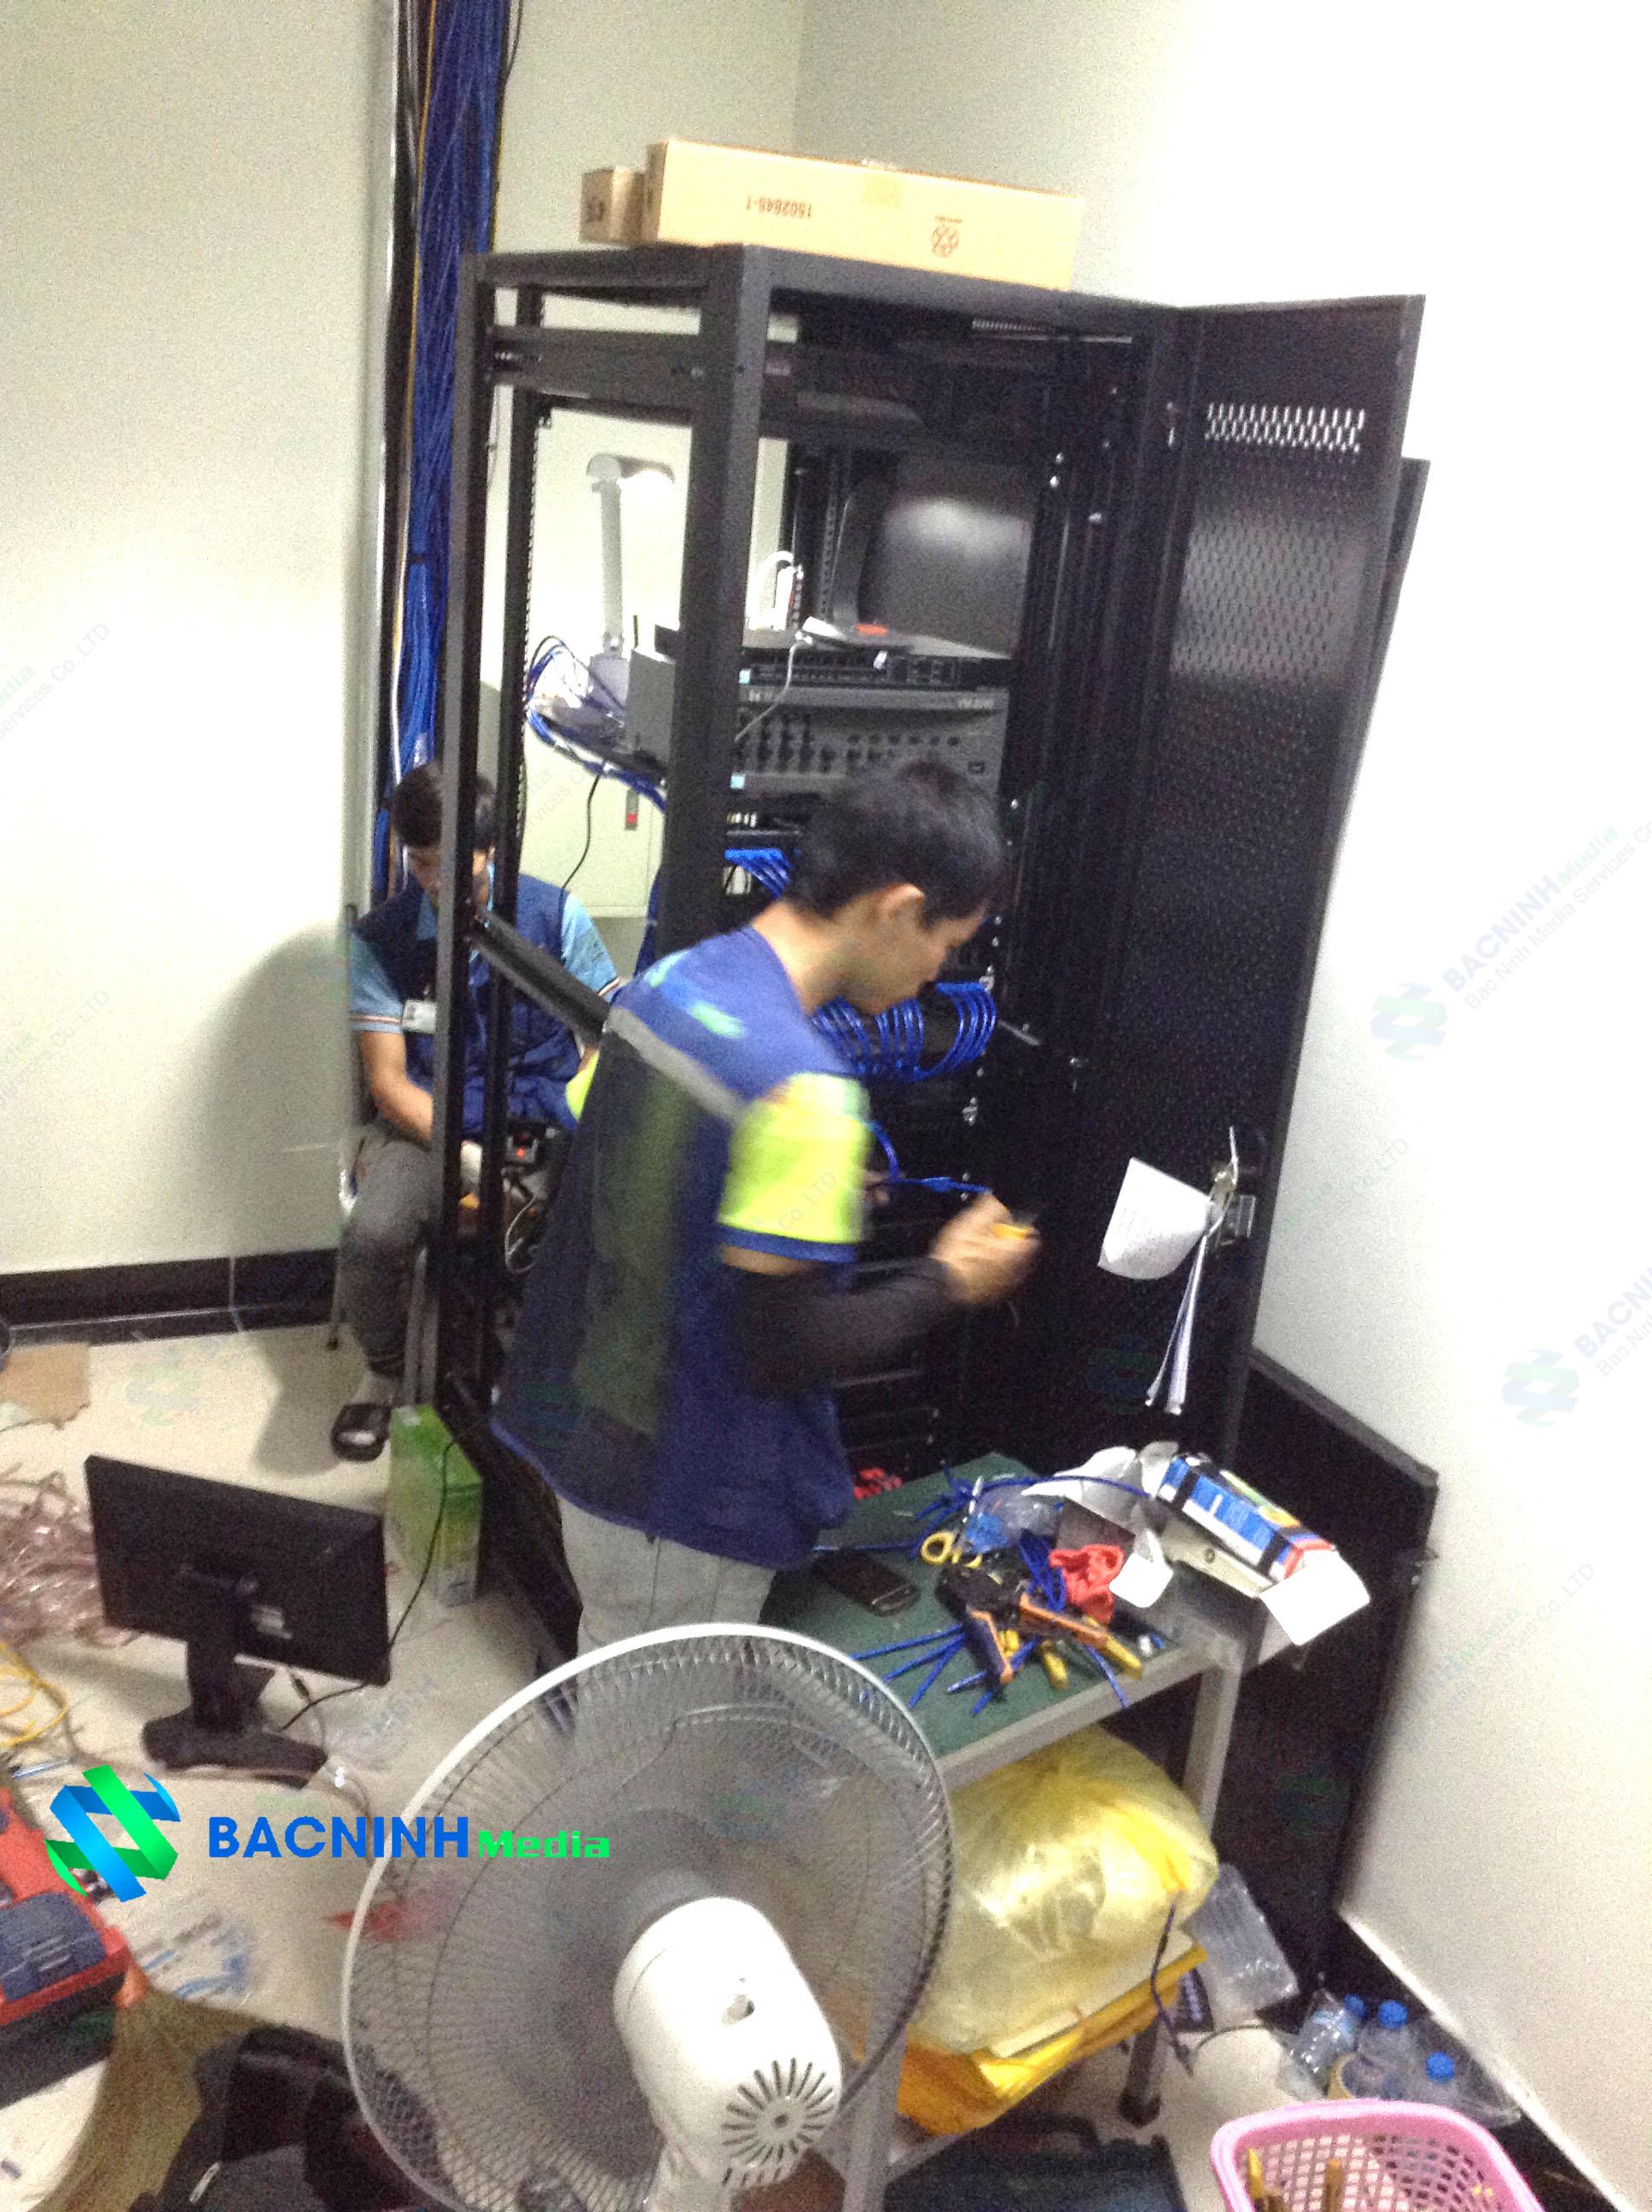 Lắp đặt tủ mạng nơi đặt các thiết bị cần thiết